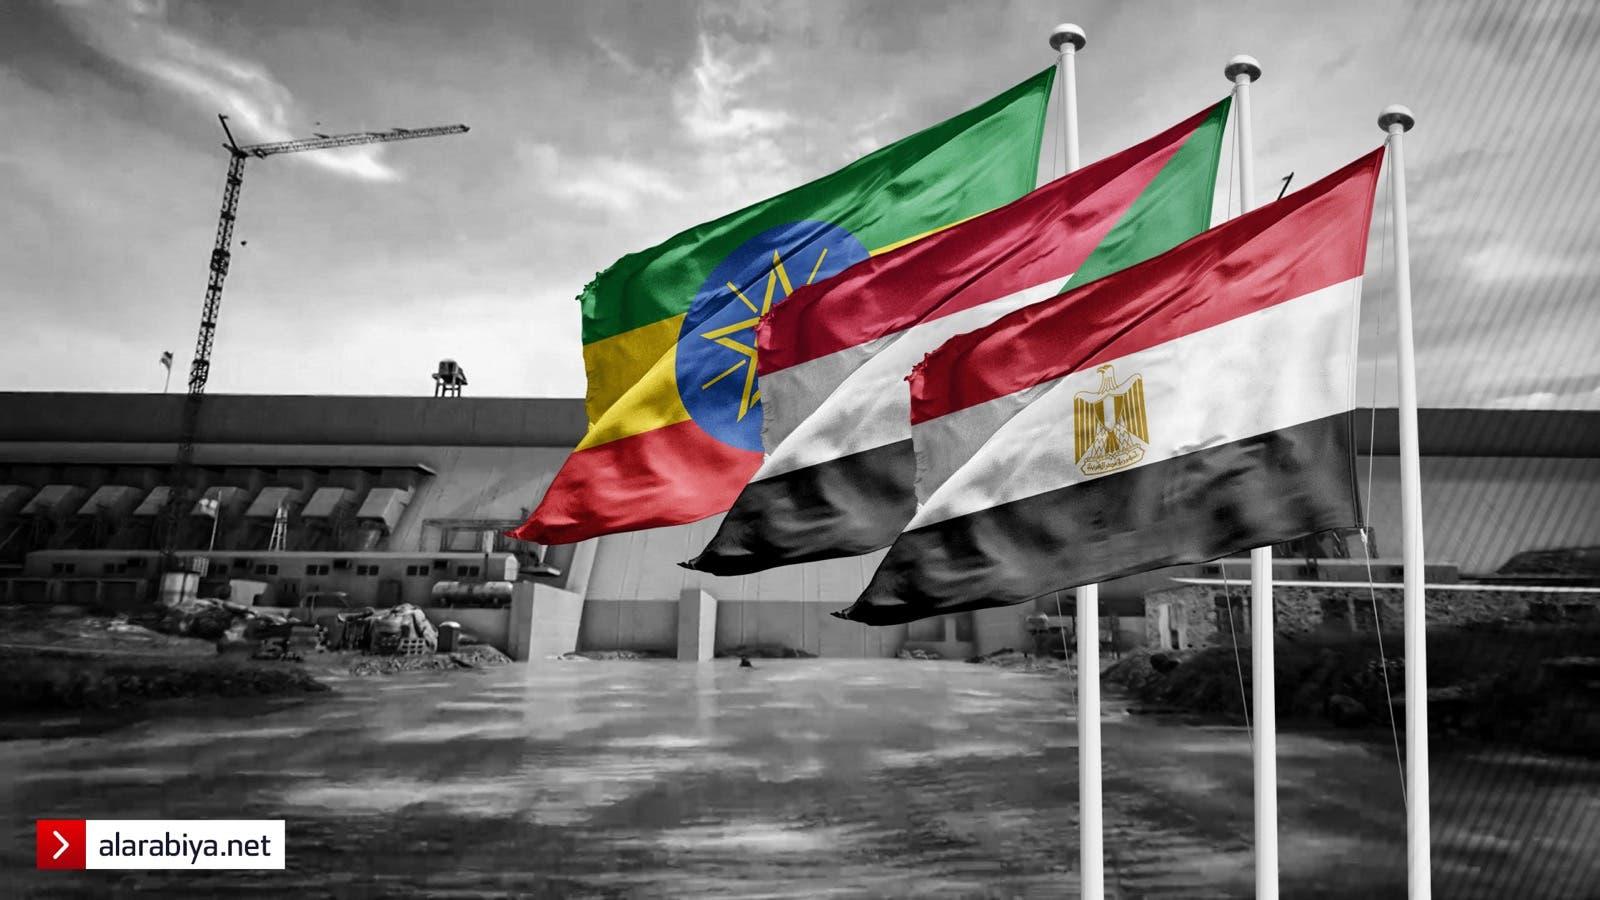 مصر أثيوبيا السودان وسد النهضة